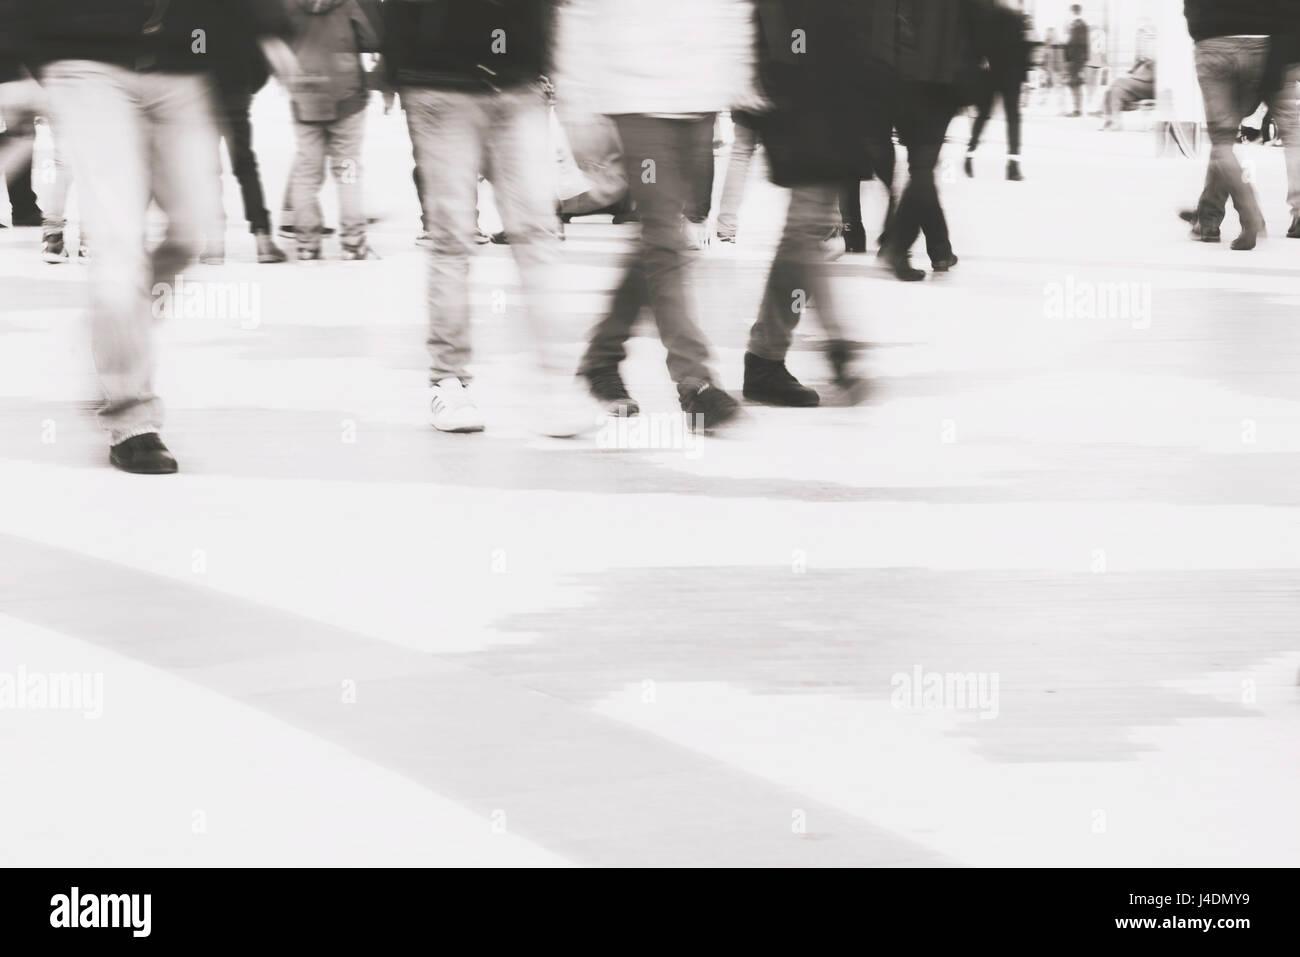 Résumé arrière-plan flou de personnes traversant la rue sur zebra Photo Stock